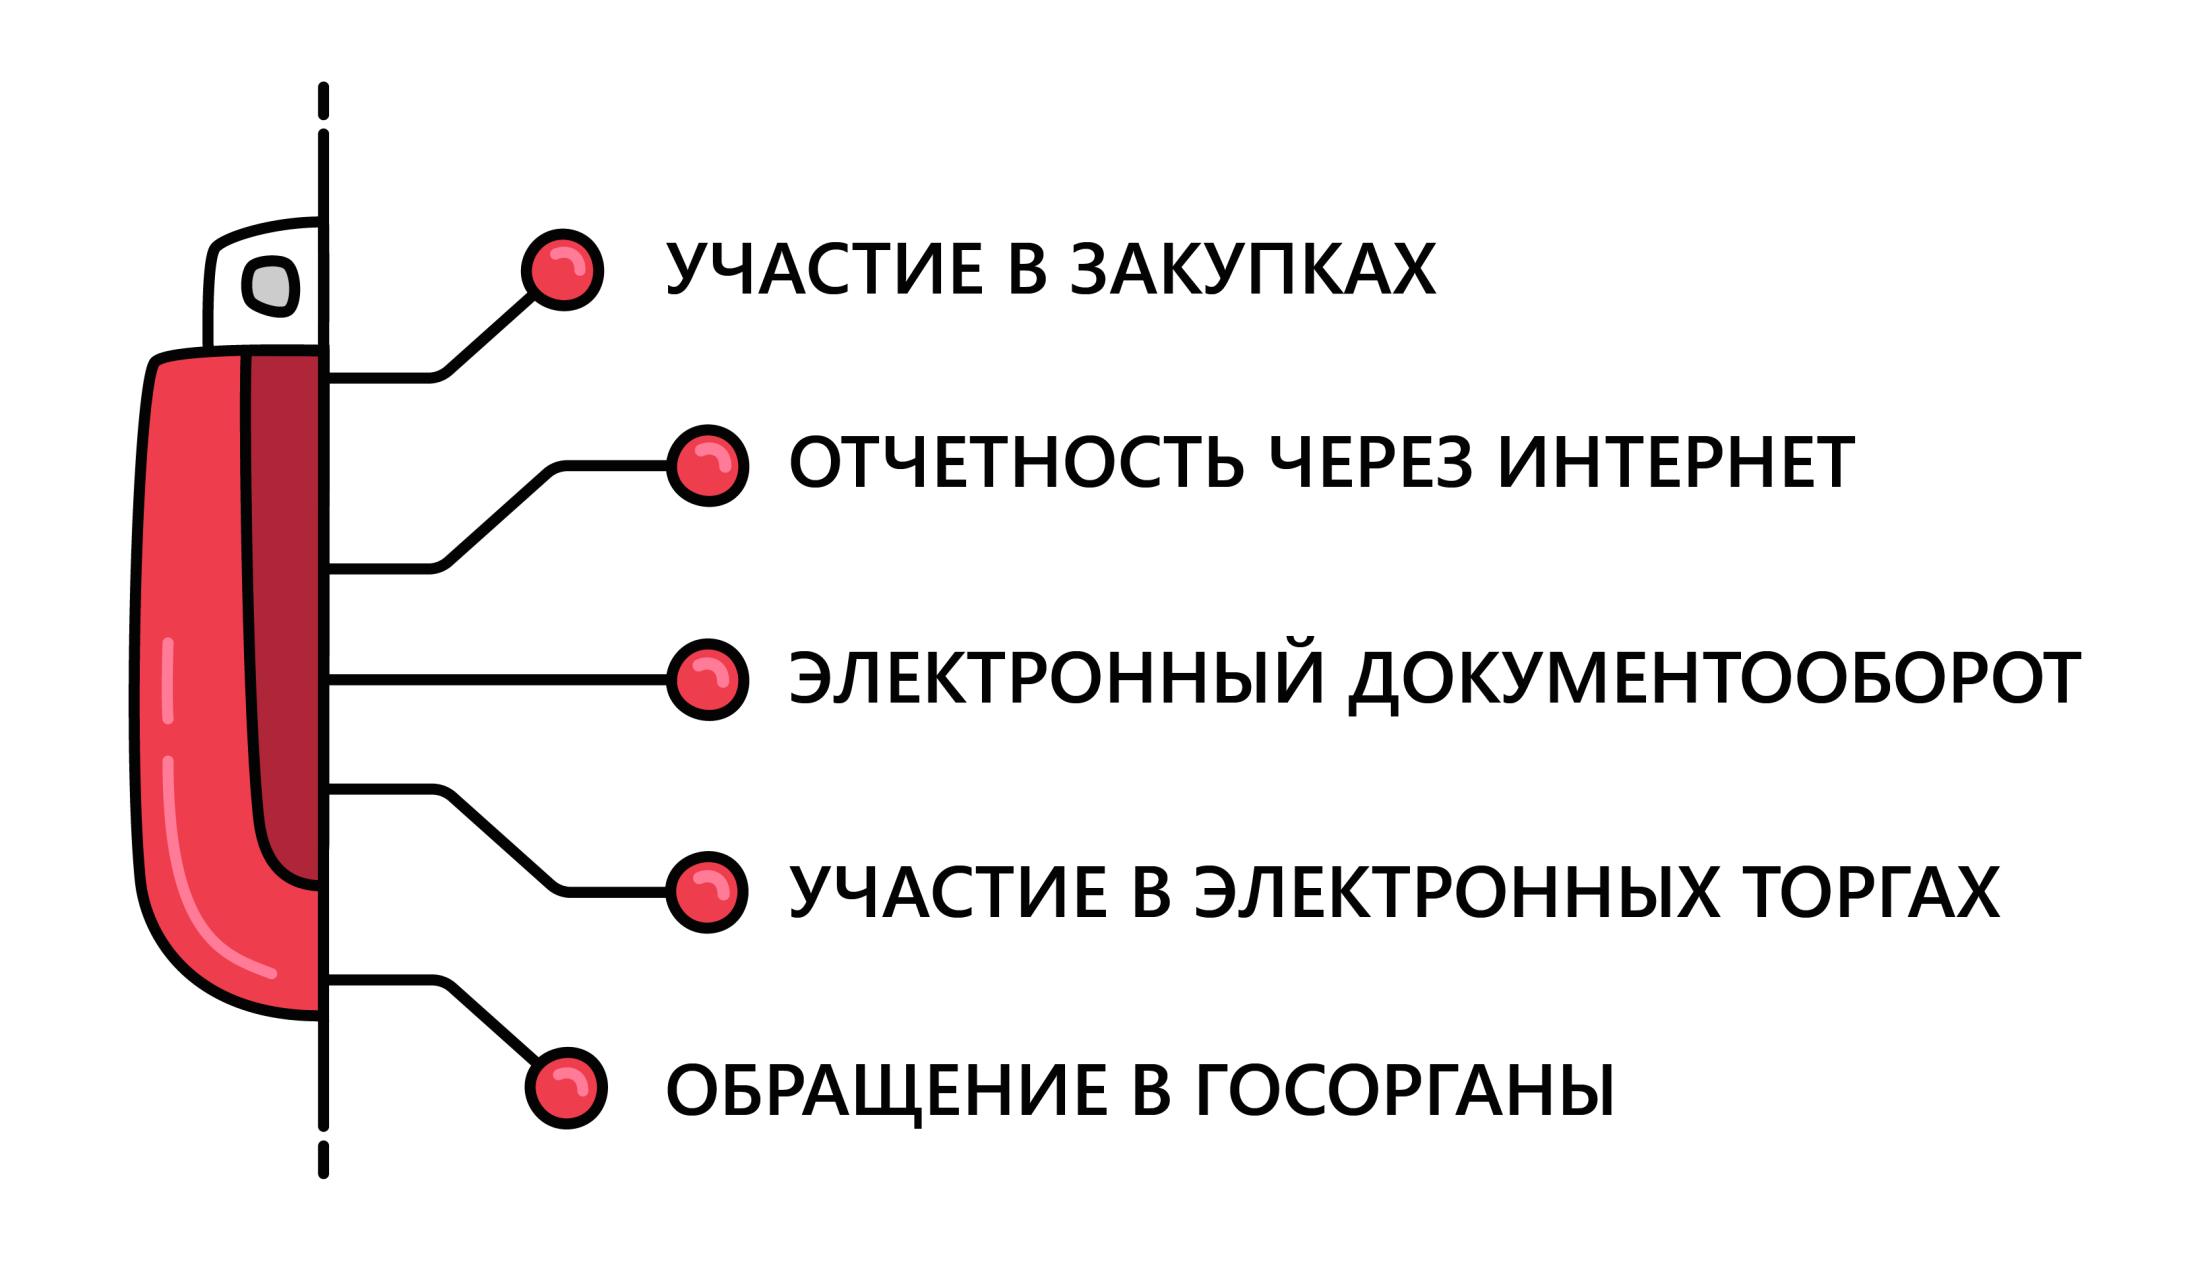 Использование электронной подписи